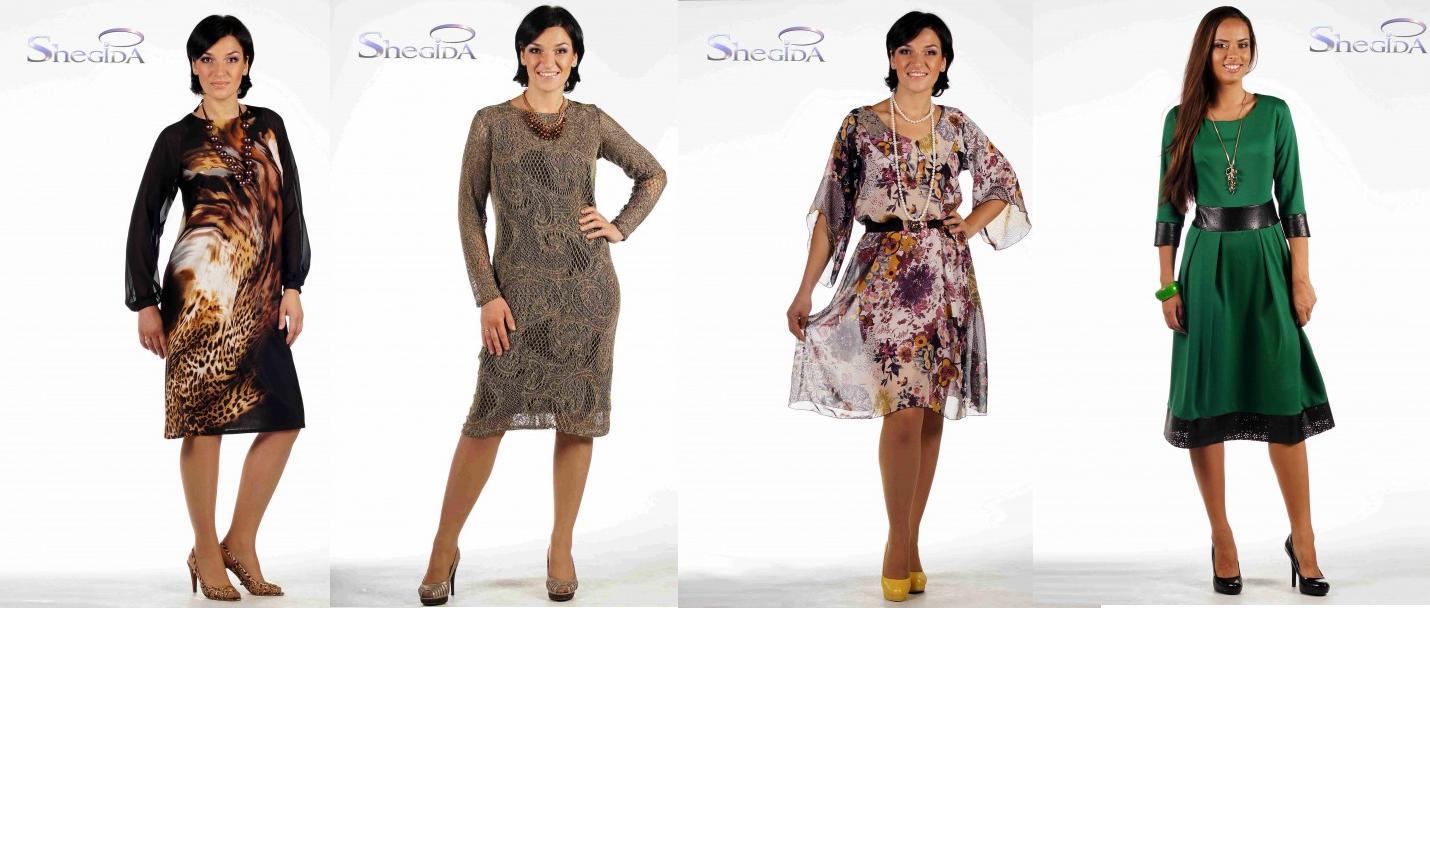 СТОП будет в пятницу по закупке Шeгuдa-16, платье для любого случая. Огромный выбор, размеры 44-64